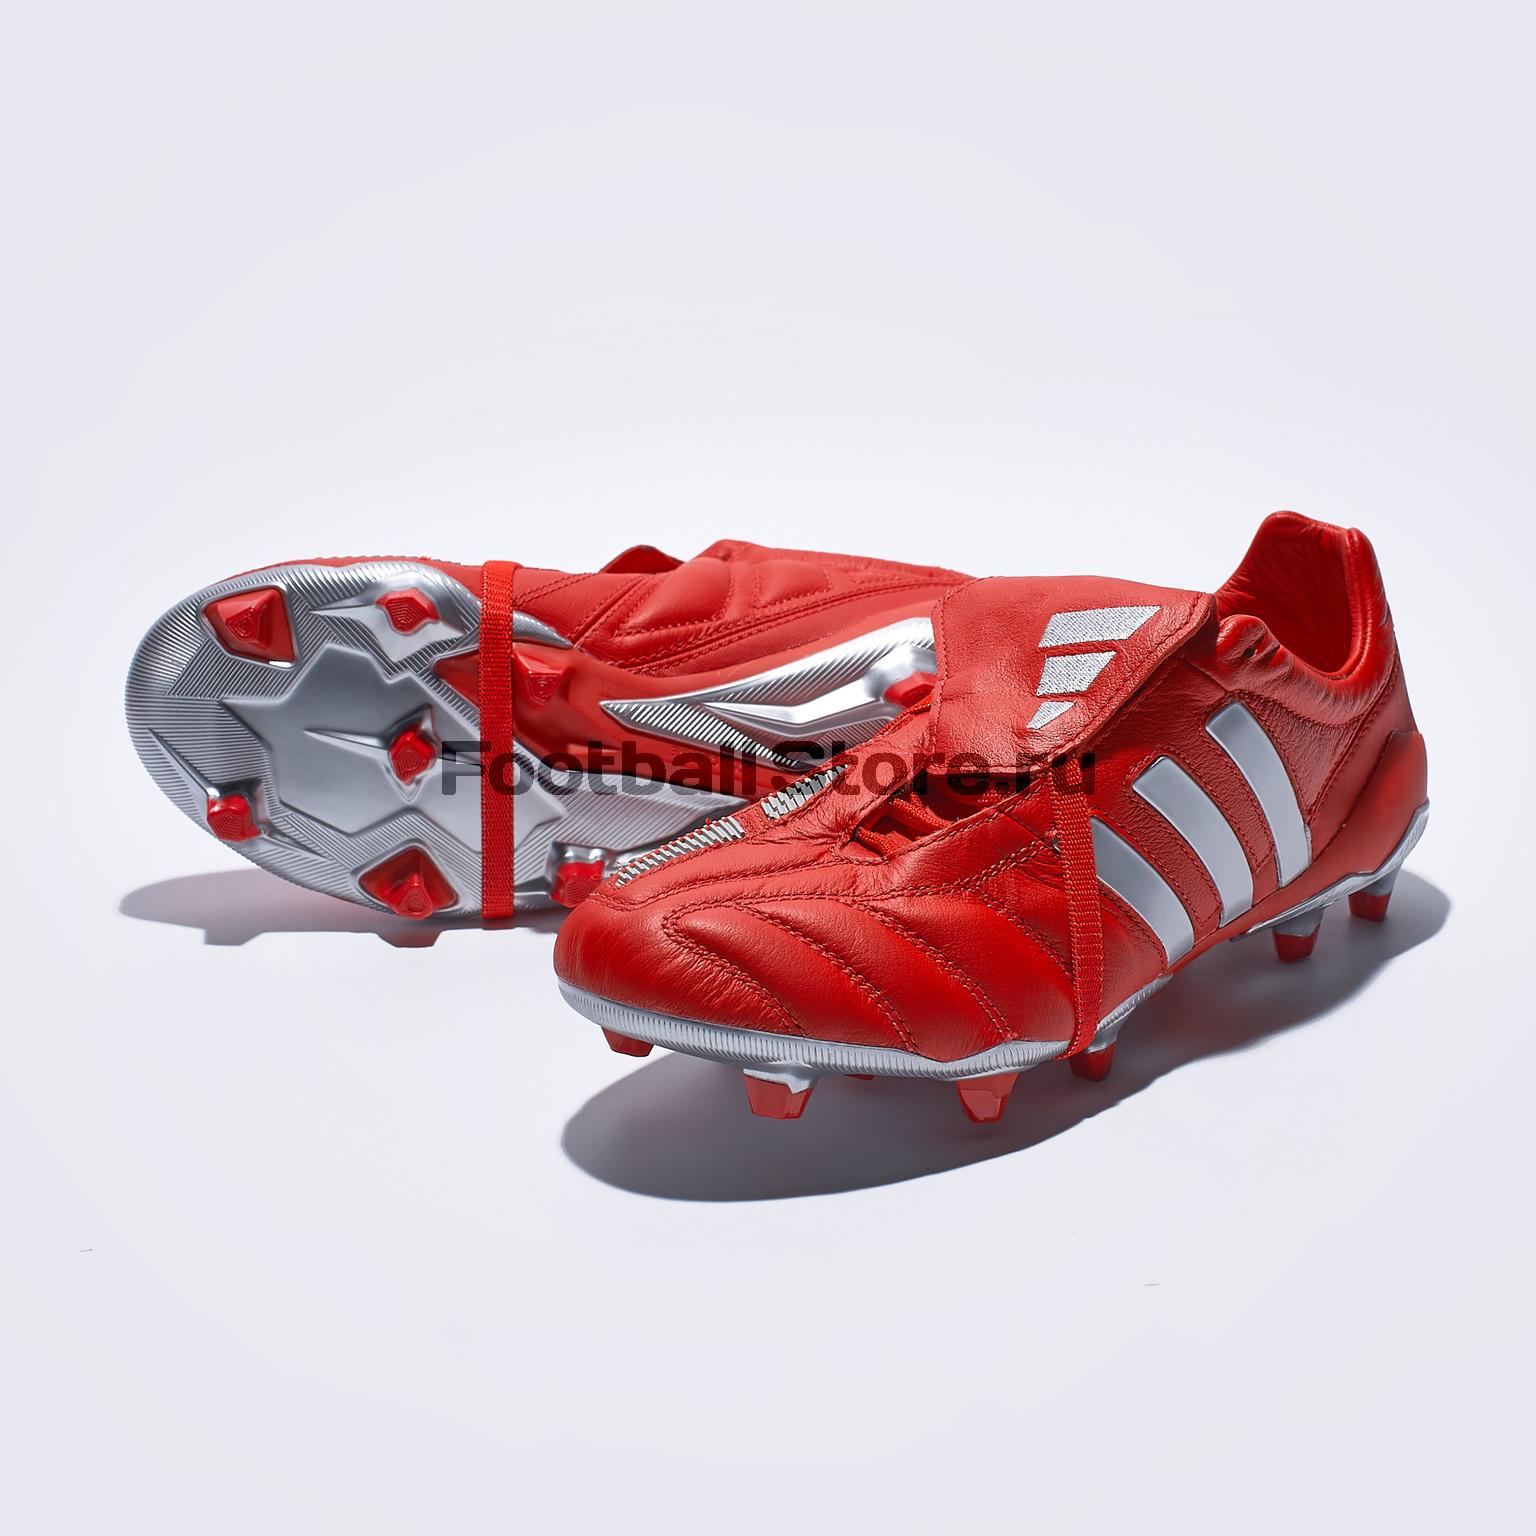 Бутсы Adidas Predator Mania FG EF3658